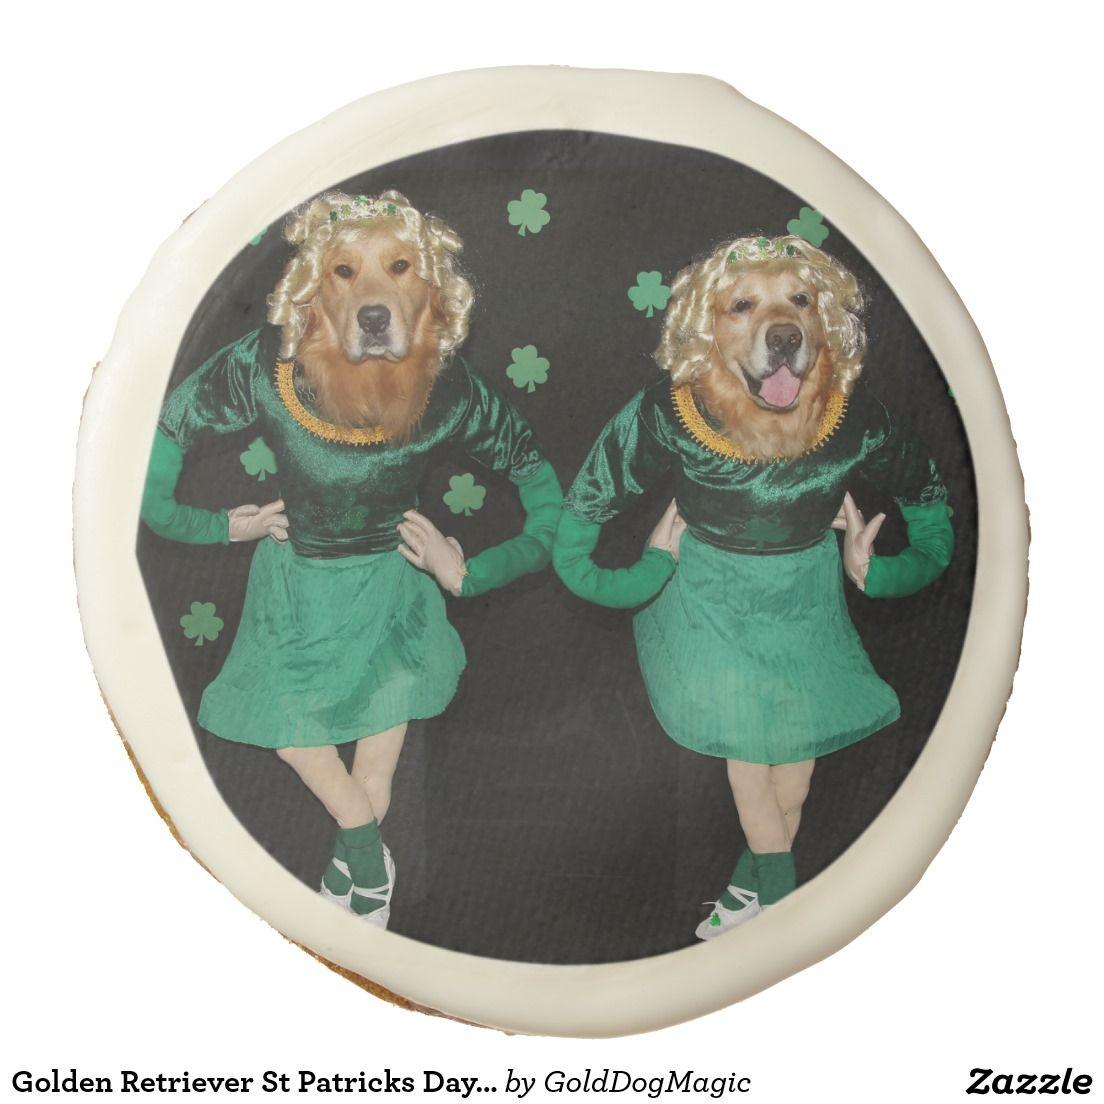 Golden Retriever St Patricks Day Irish Stepdancers Sugar Cookie